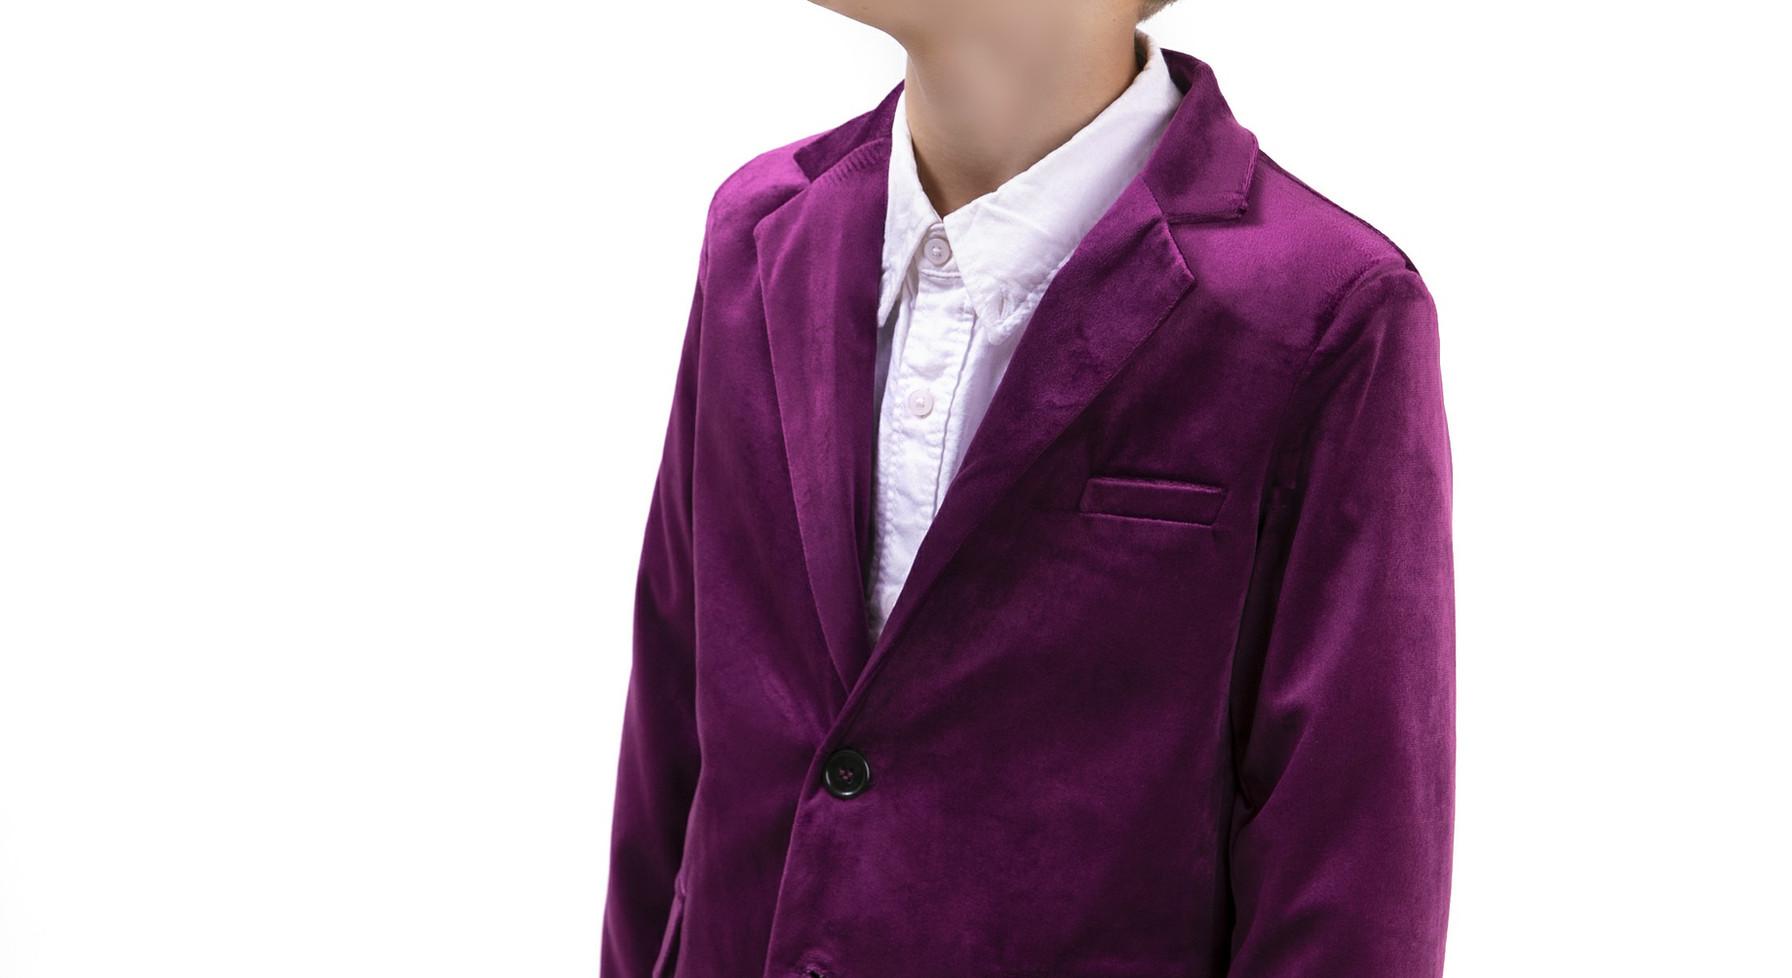 חליפה קטיפה malaya   מאליה אופנת ילדים